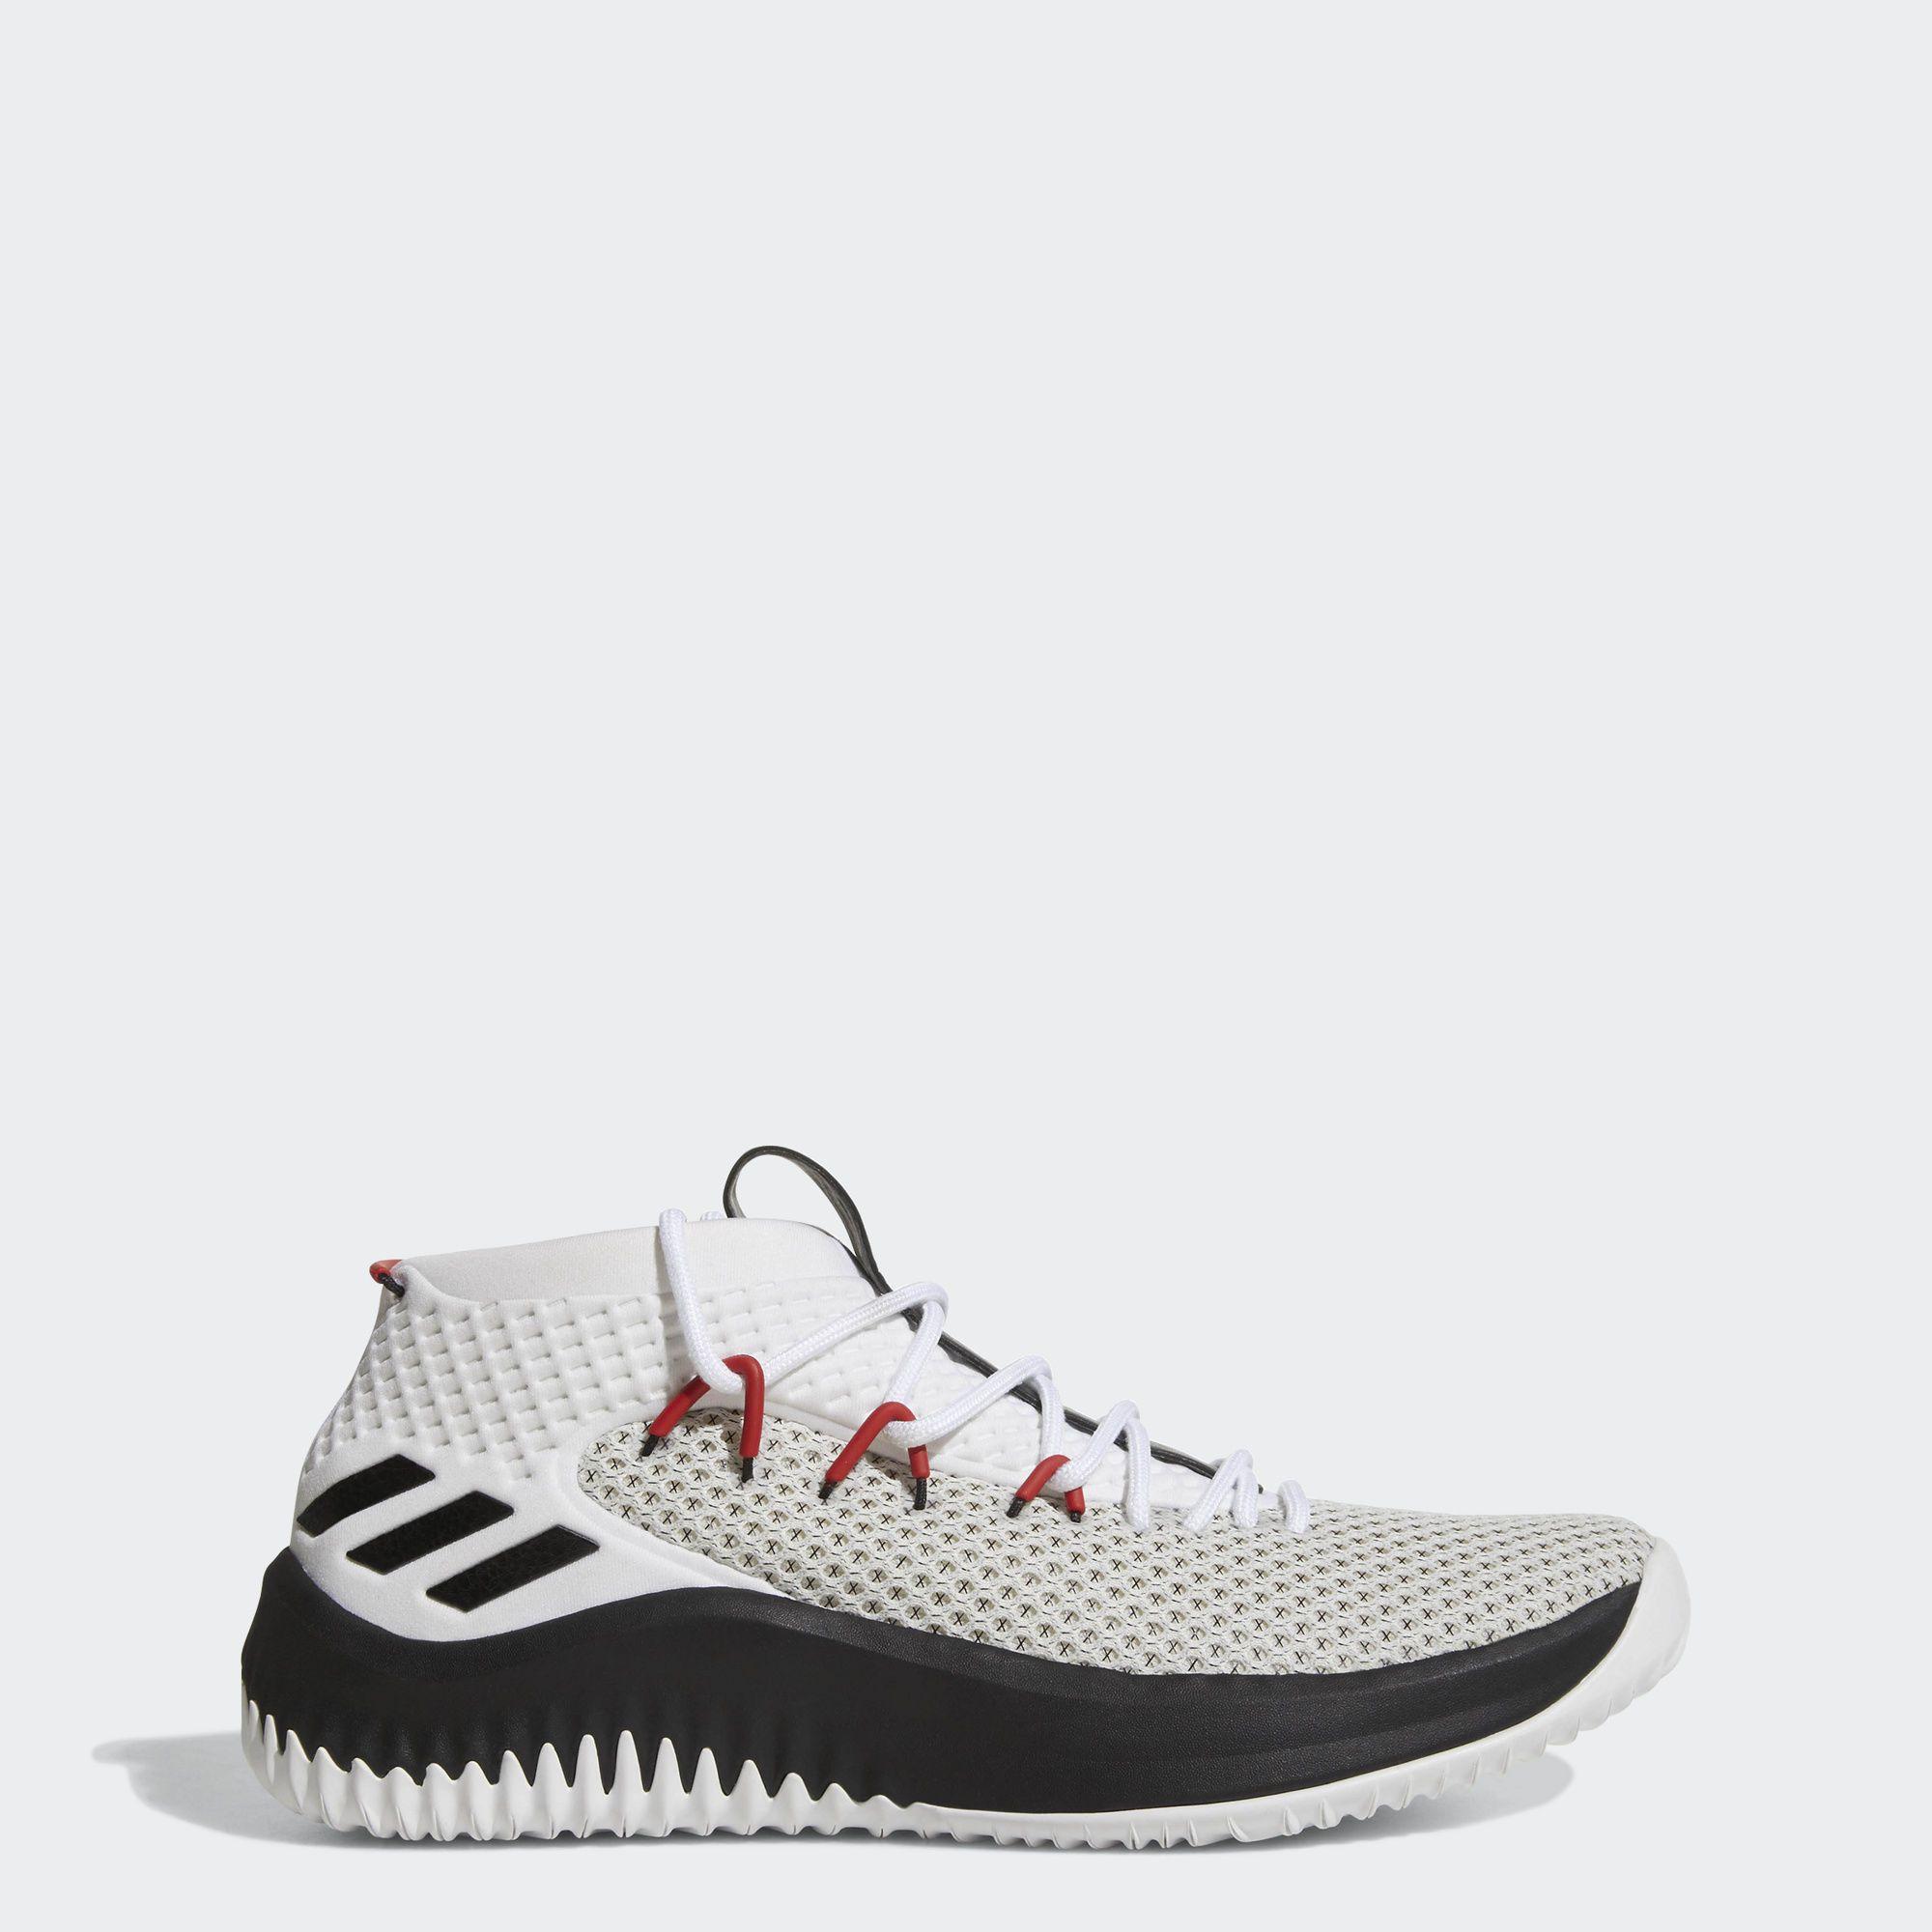 Zapatilla de deporte de los zapatos de suela Adidas dama 4 Pinterest Sole y Adidas